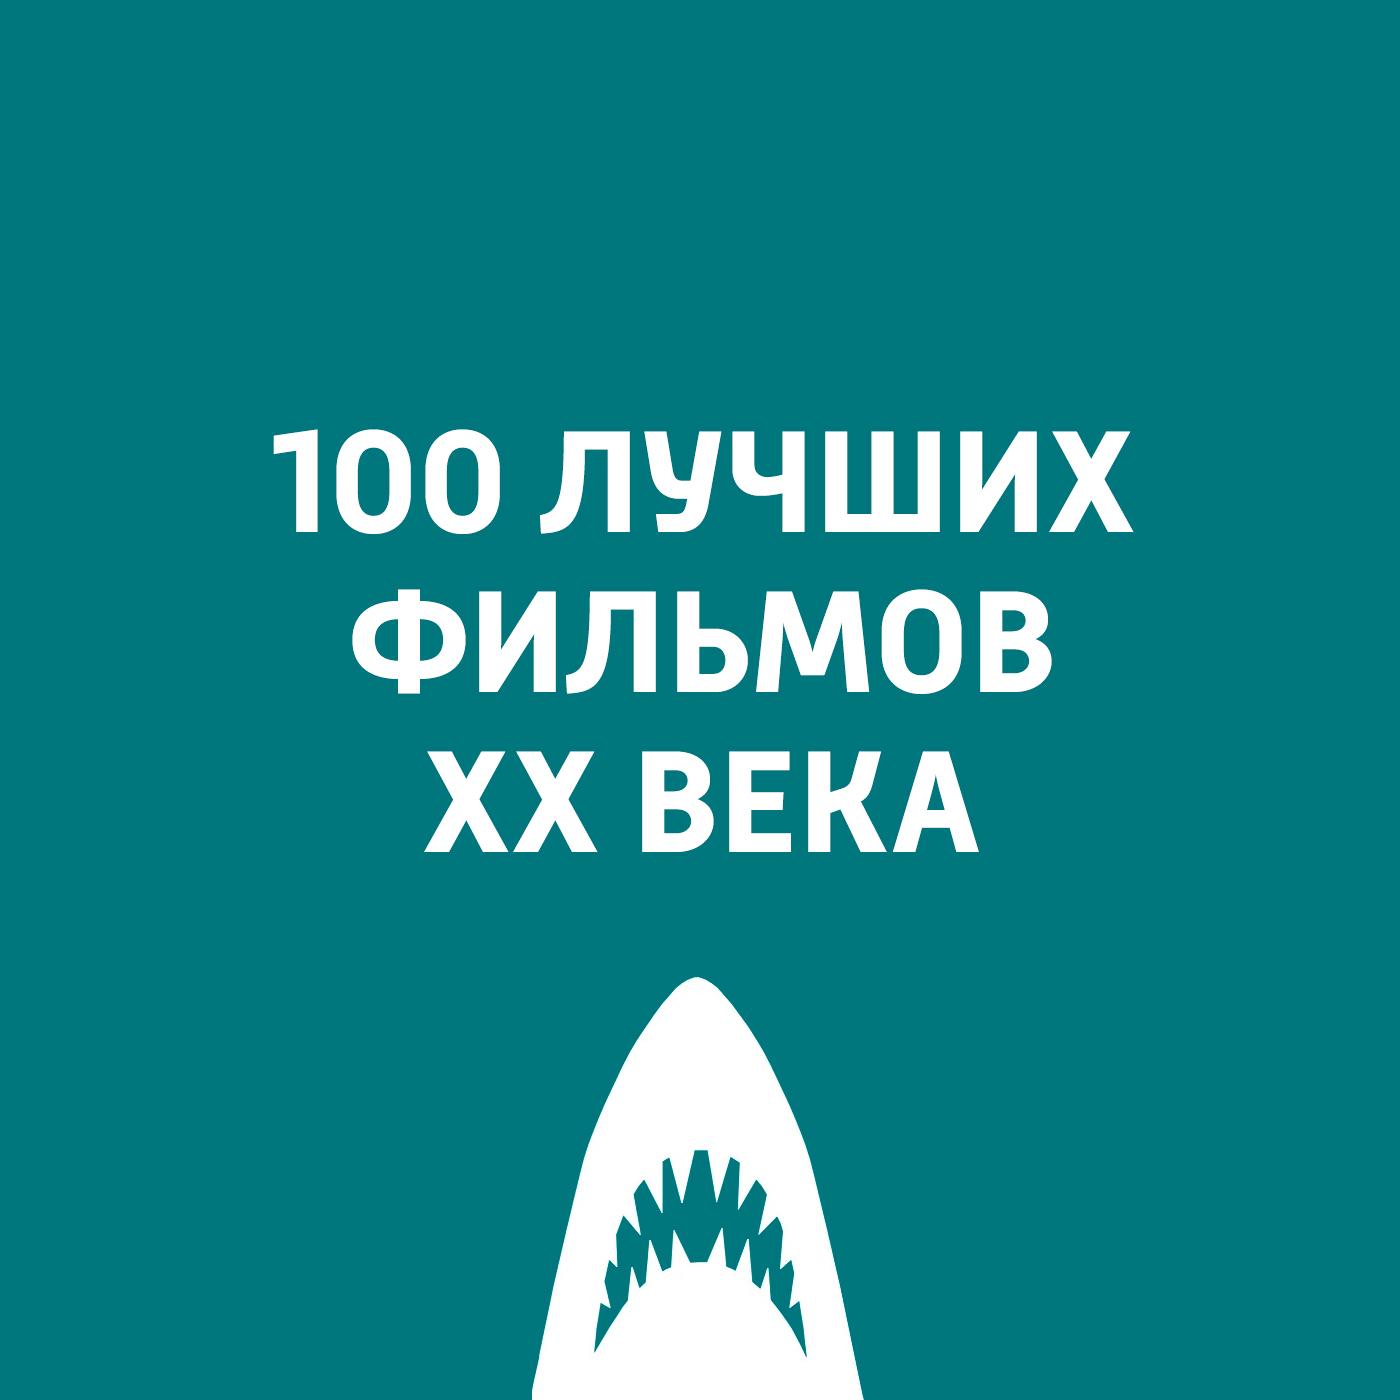 цены Антон Долин «Гусарская баллада» Эльдара Рязанова